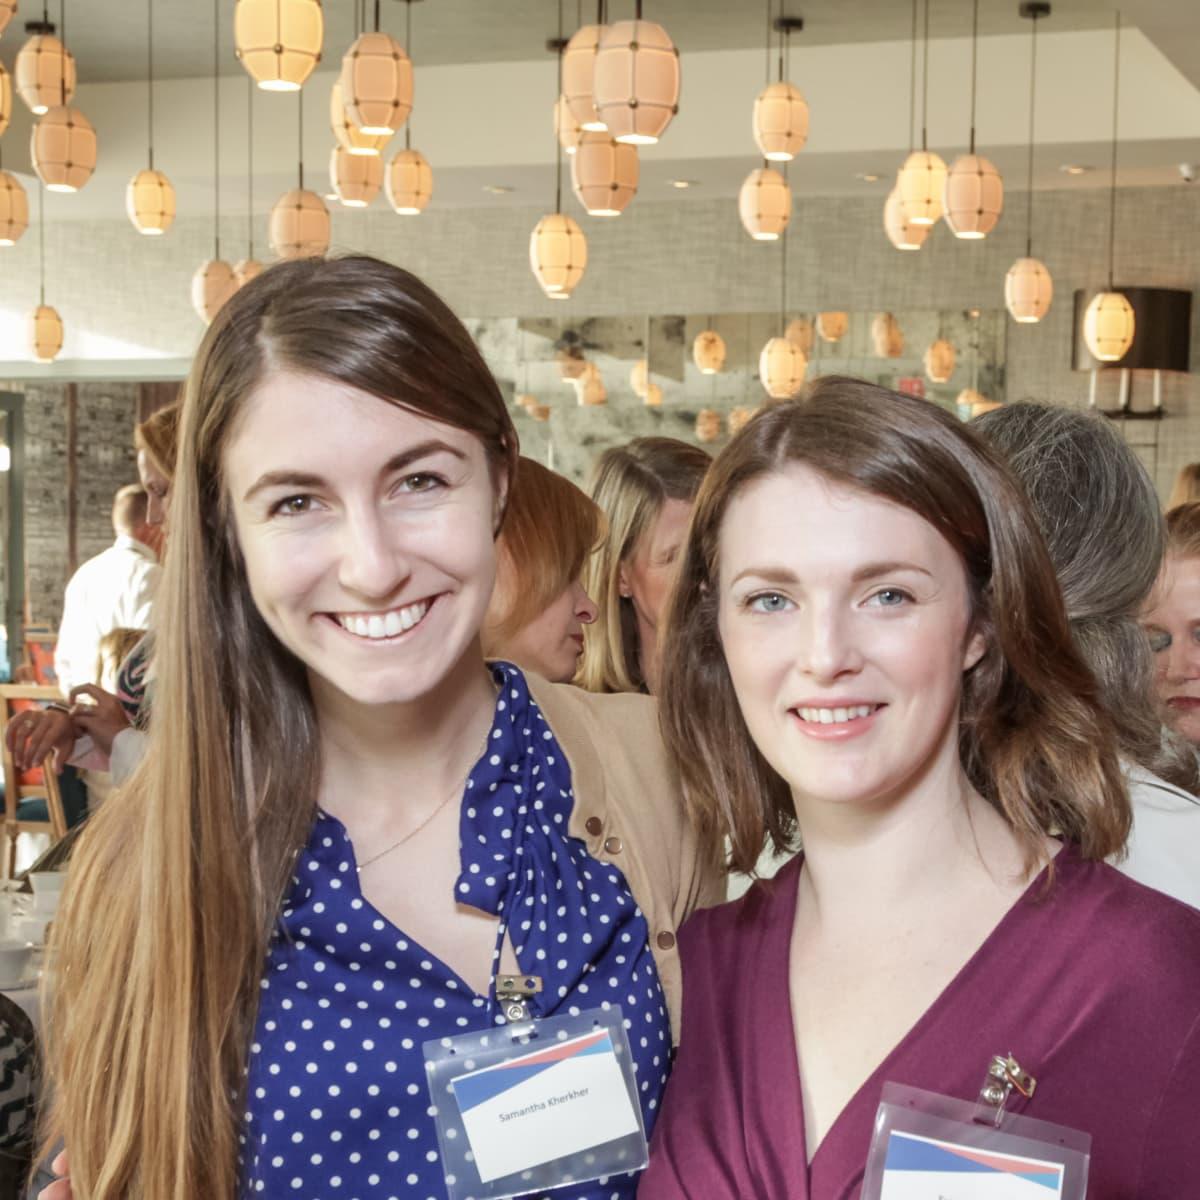 Ellevate Network breakfast 6/16 Samantha Kherker and Susan Dietz